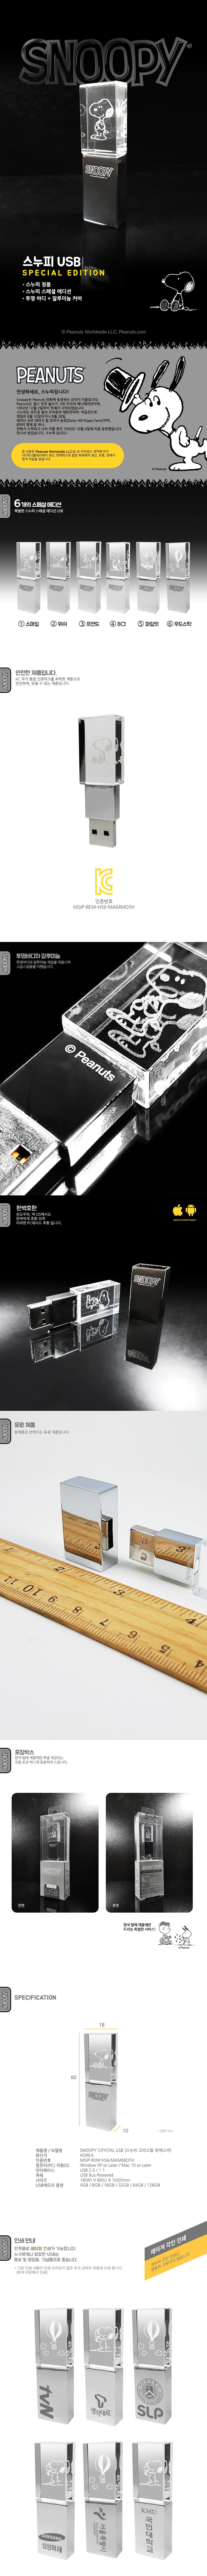 스누피 USB 8G Crystal - 매머드, 12,000원, 캐릭터형 USB 메모리, USB 8G이하